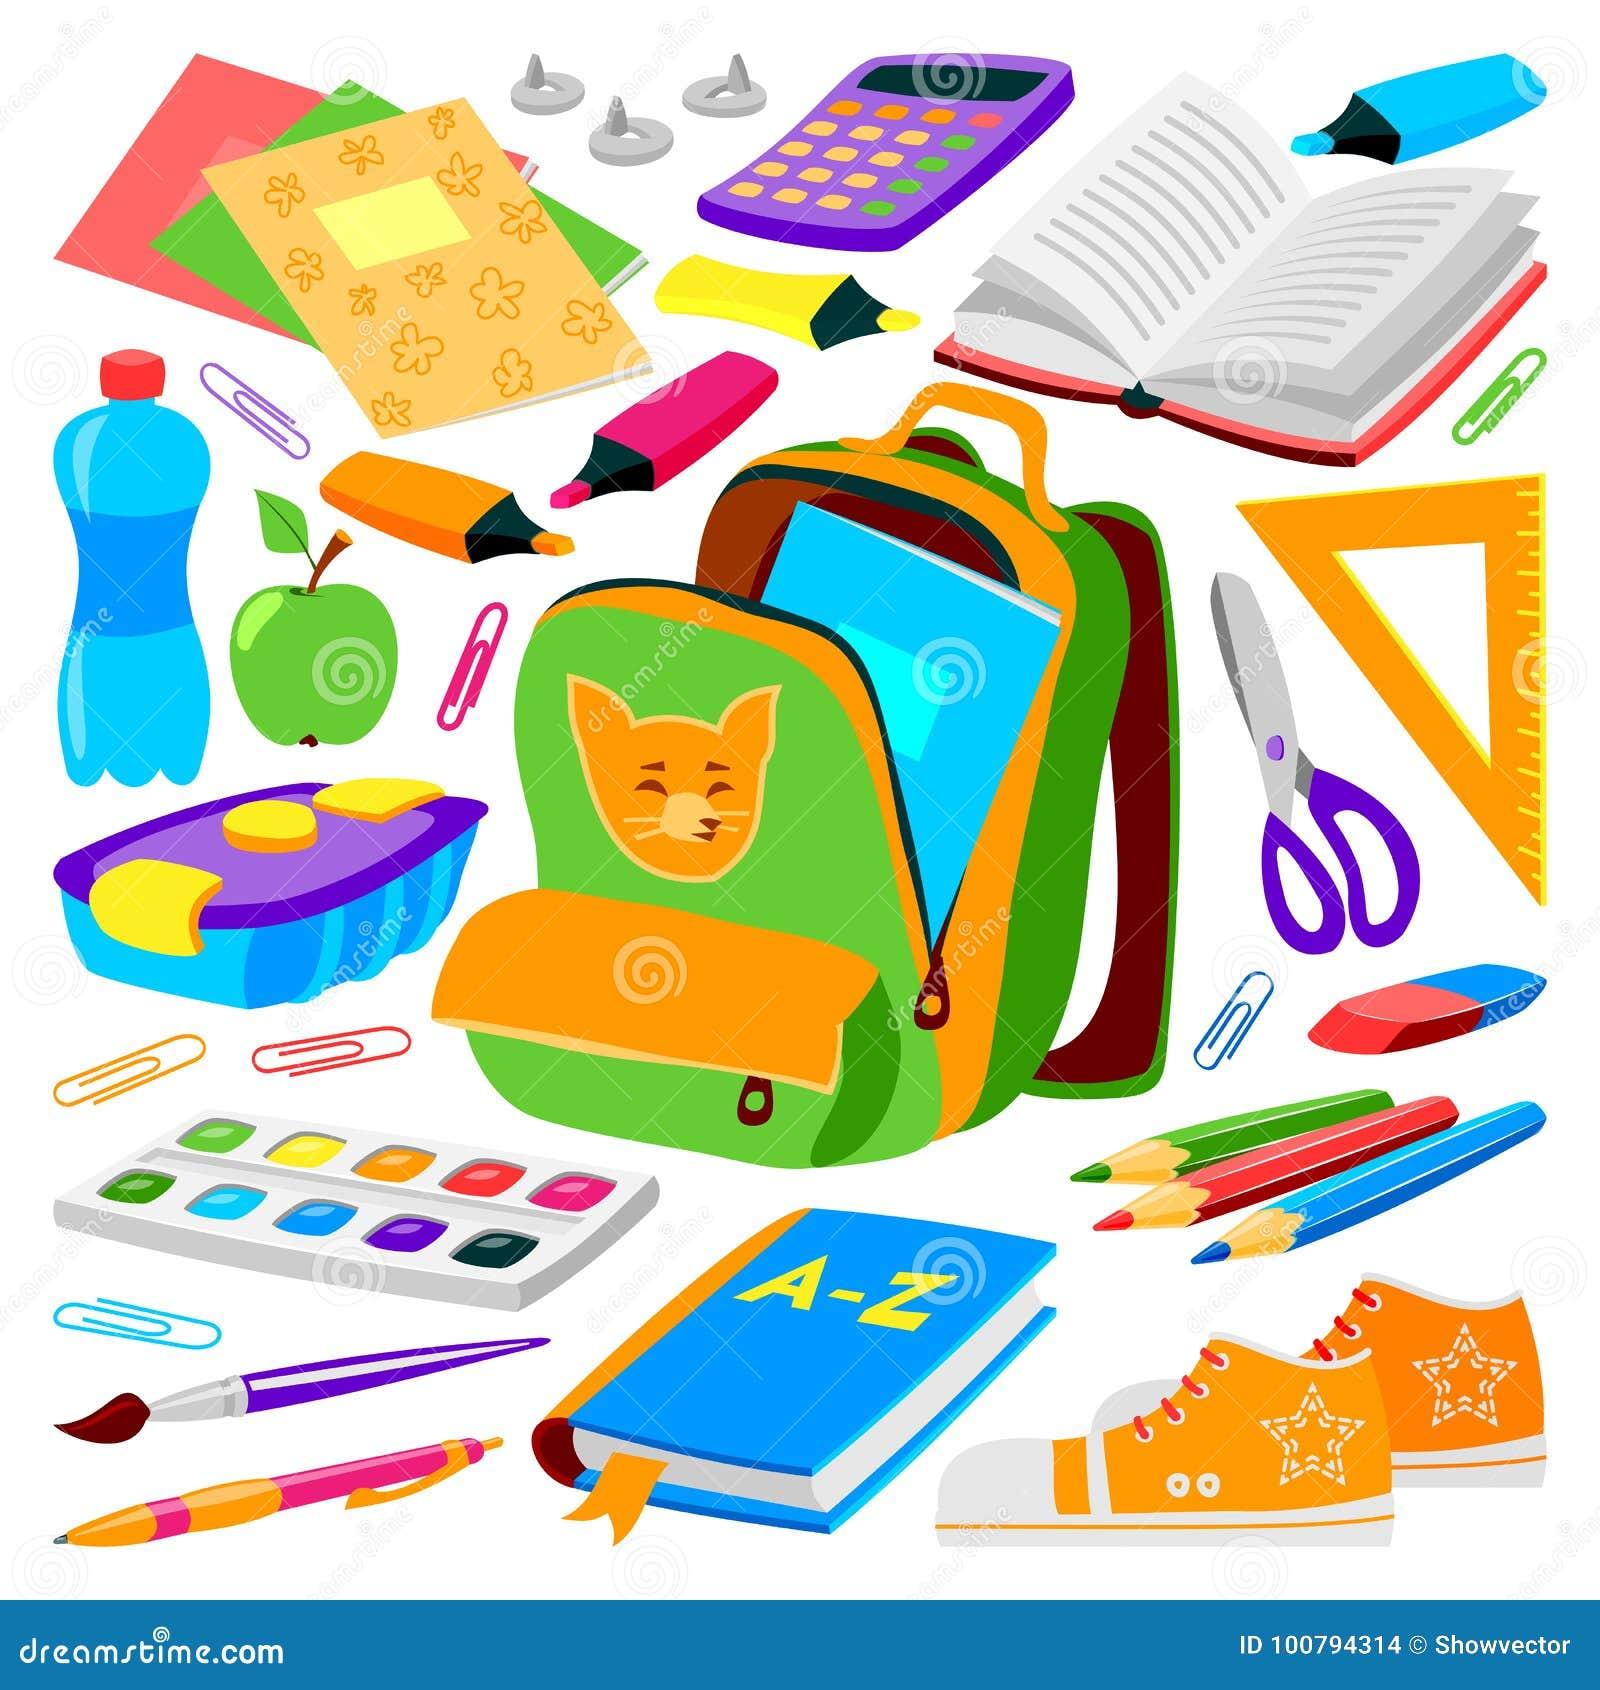 Schultascherucksack voll Sack-Vektorillustration des Versorgungskinderstationären Reißverschlusses der pädagogischen